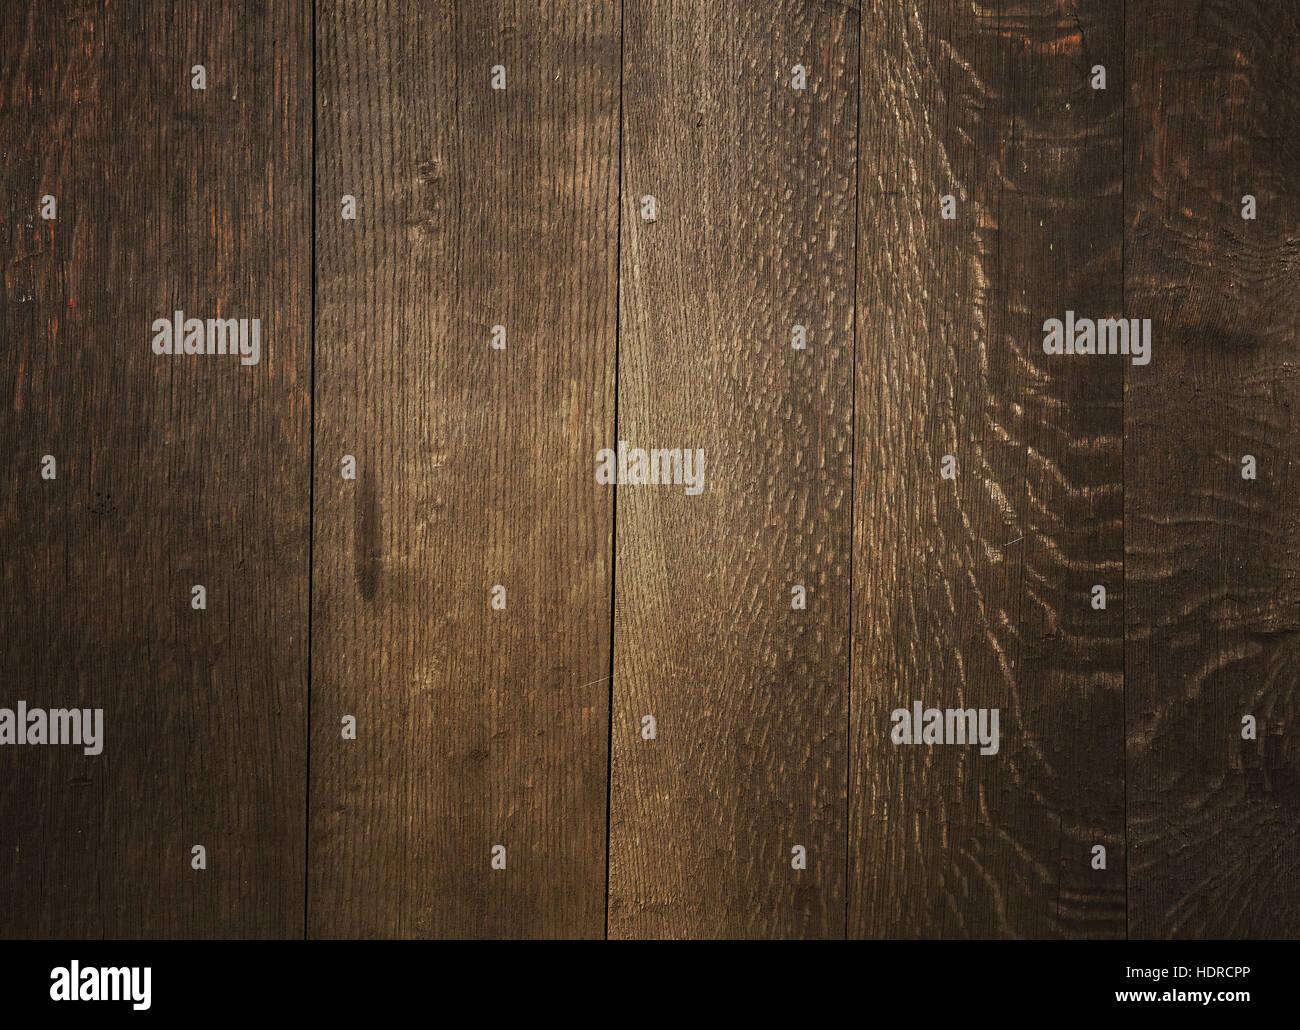 Holzfußboden Dielen ~ Alte vintage im alter von grunge dunkel brauner holzboden dielen